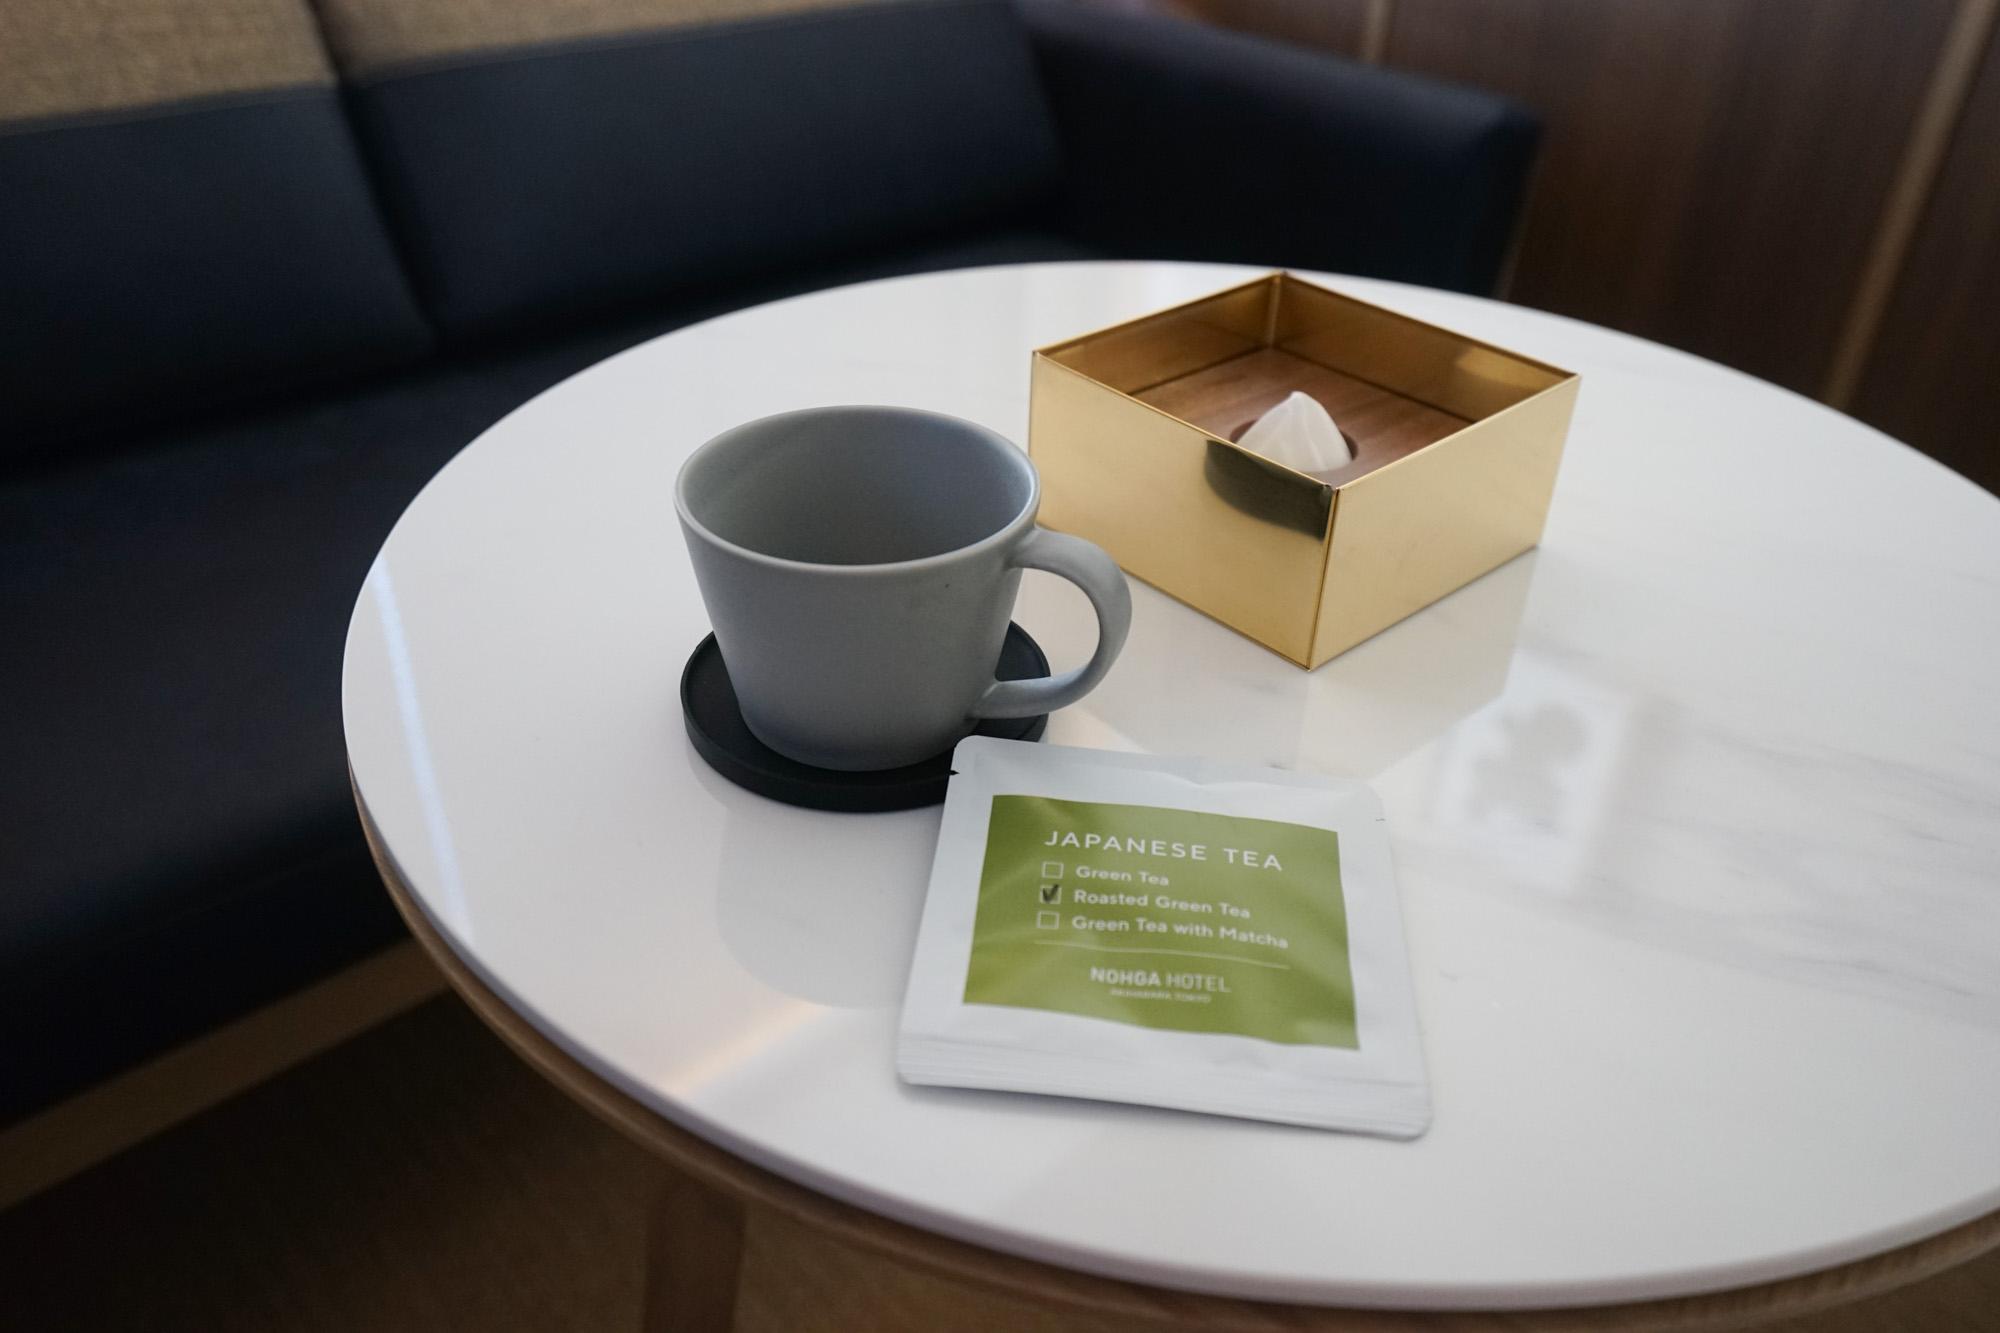 アメニティボックスやティッシュケースは、近隣のカチクラエリアにあるSyuRoとのコラボレートアイテム。お茶は「まるよ茶屋」、カップは美濃焼の「SAKUZAN」のもの。